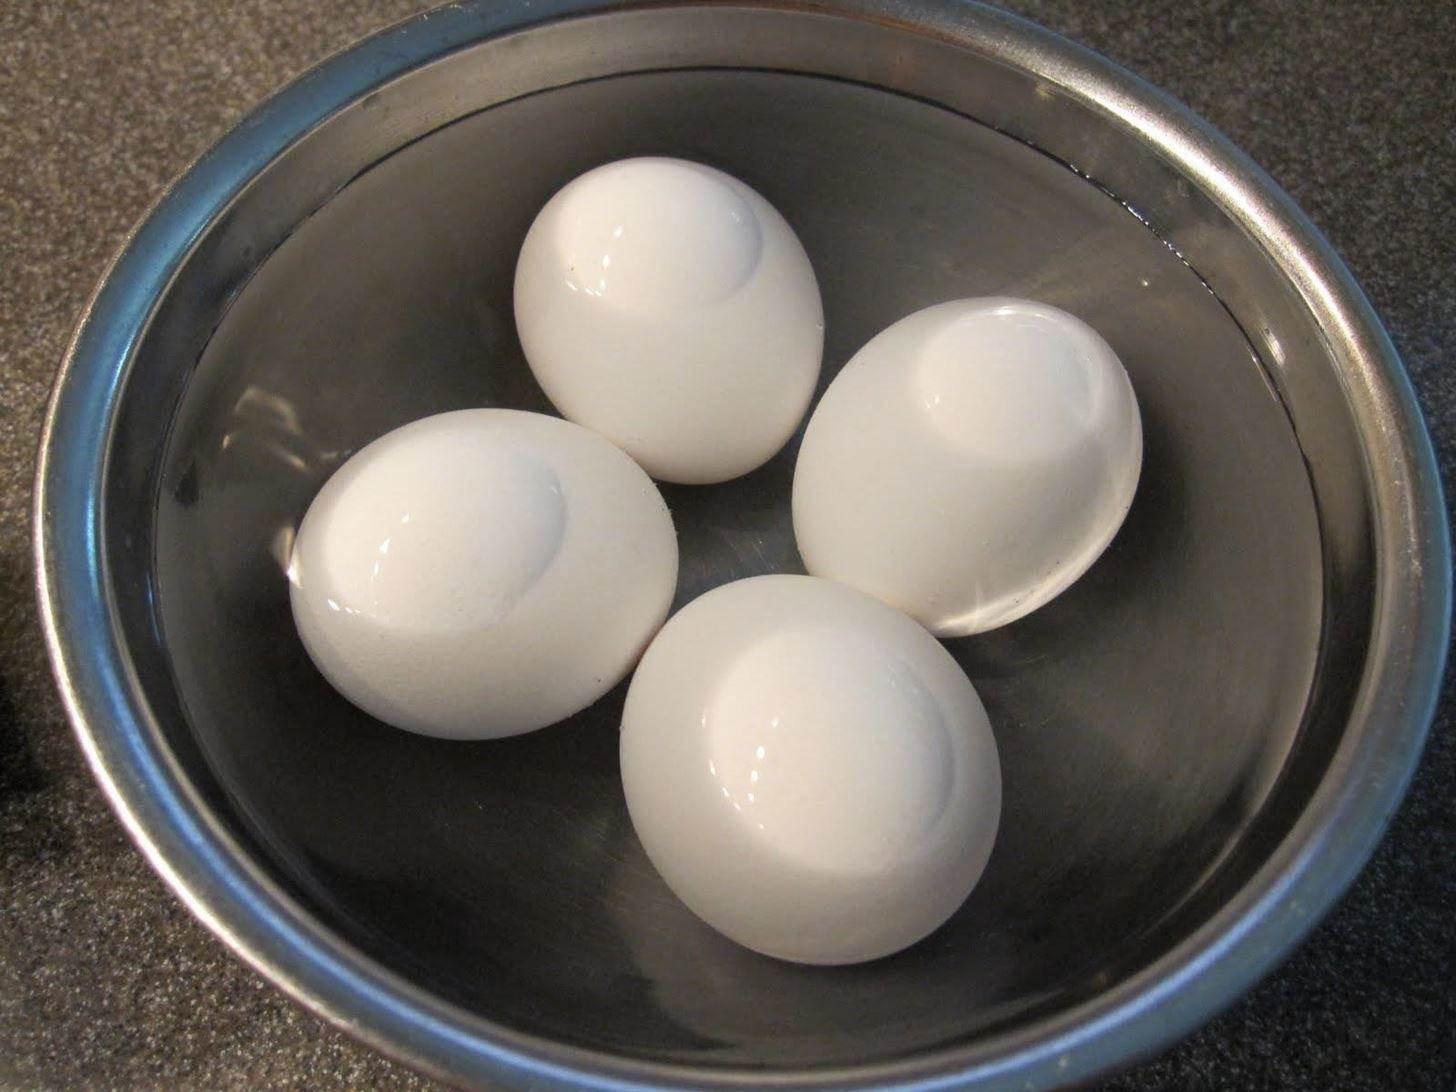 Luộc trứng bằng nước sôi hay lạnh, nhiều người làm sai bảo sao trứng nứt vỏ, không ngon-1